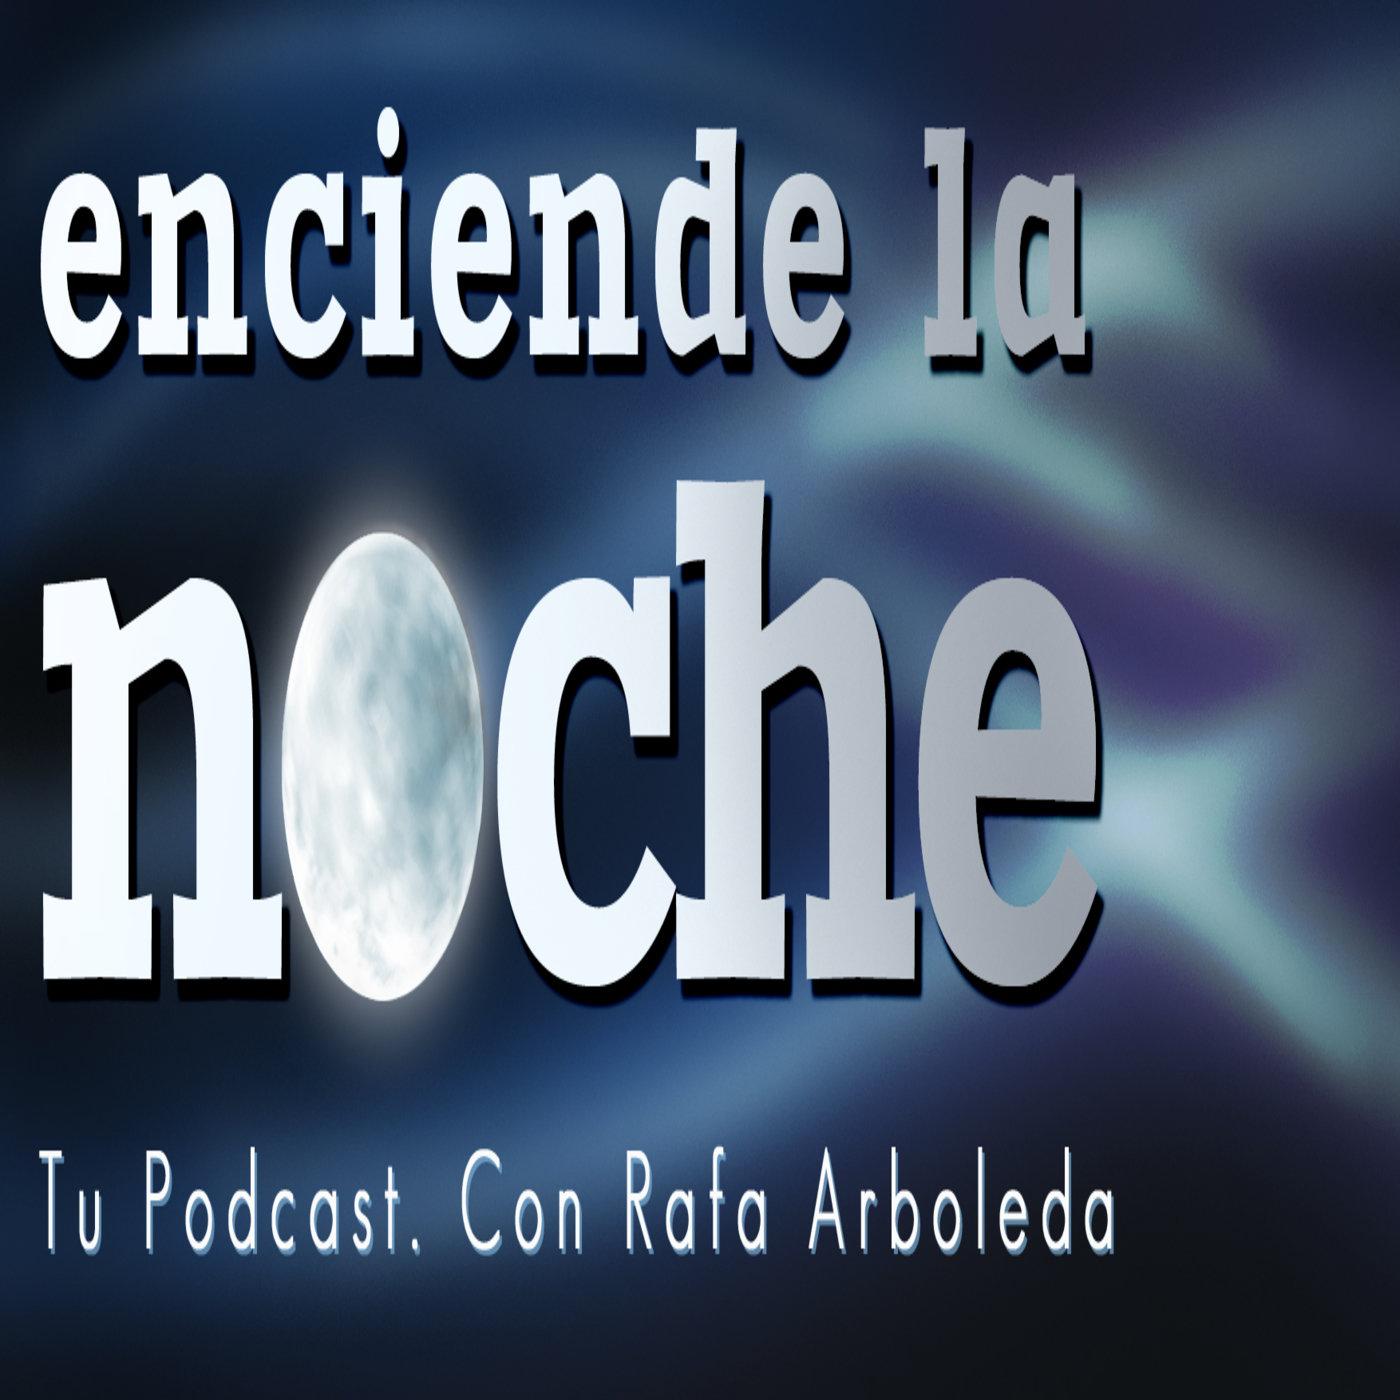 Logo de Enciende la Noche